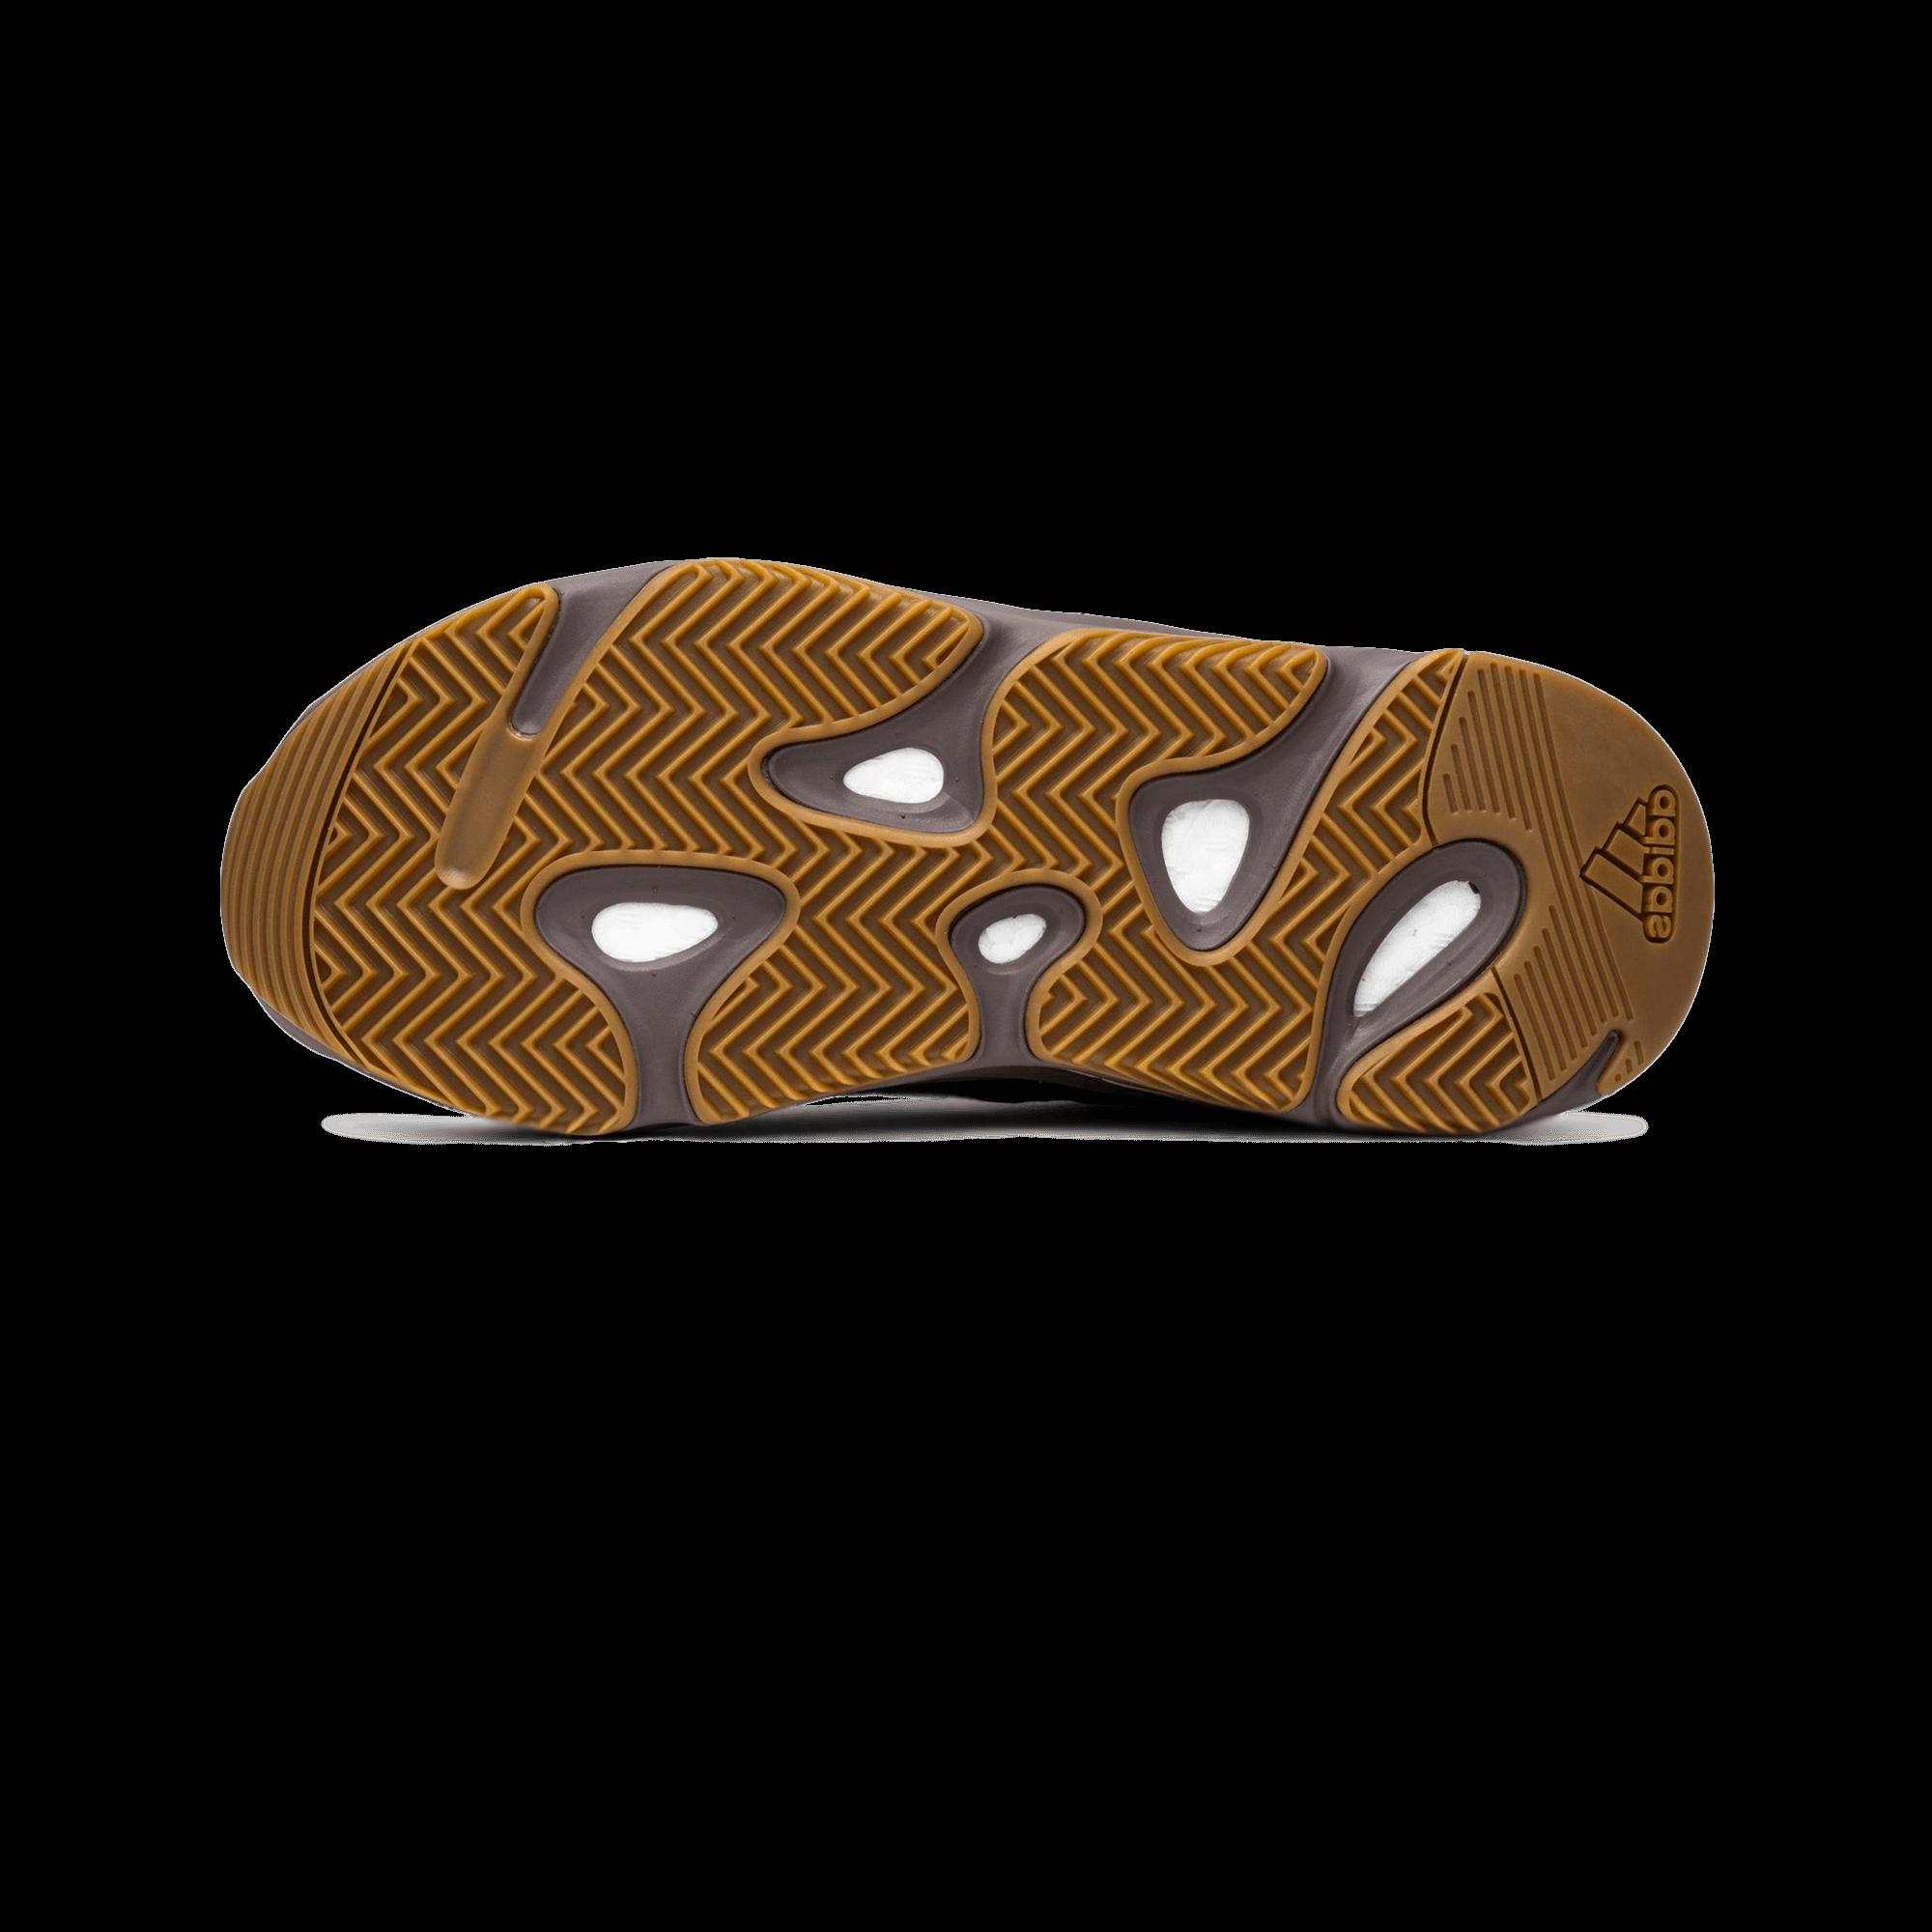 finest selection f2f9c 79d58 adidas Yeezy Boost 700 mauve / mauve - Men | Holypopstore.com